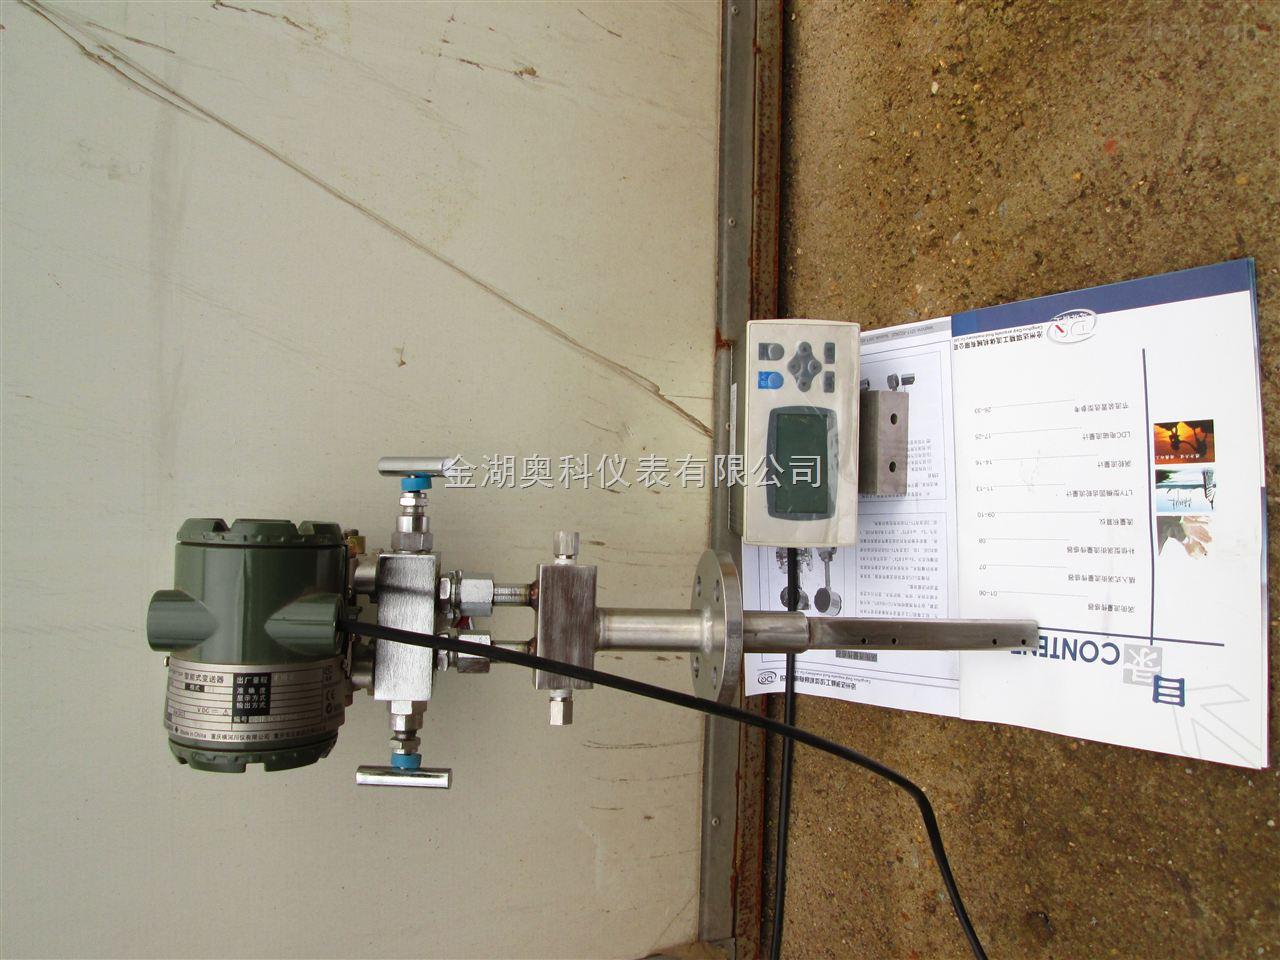 高爐煤氣流量計